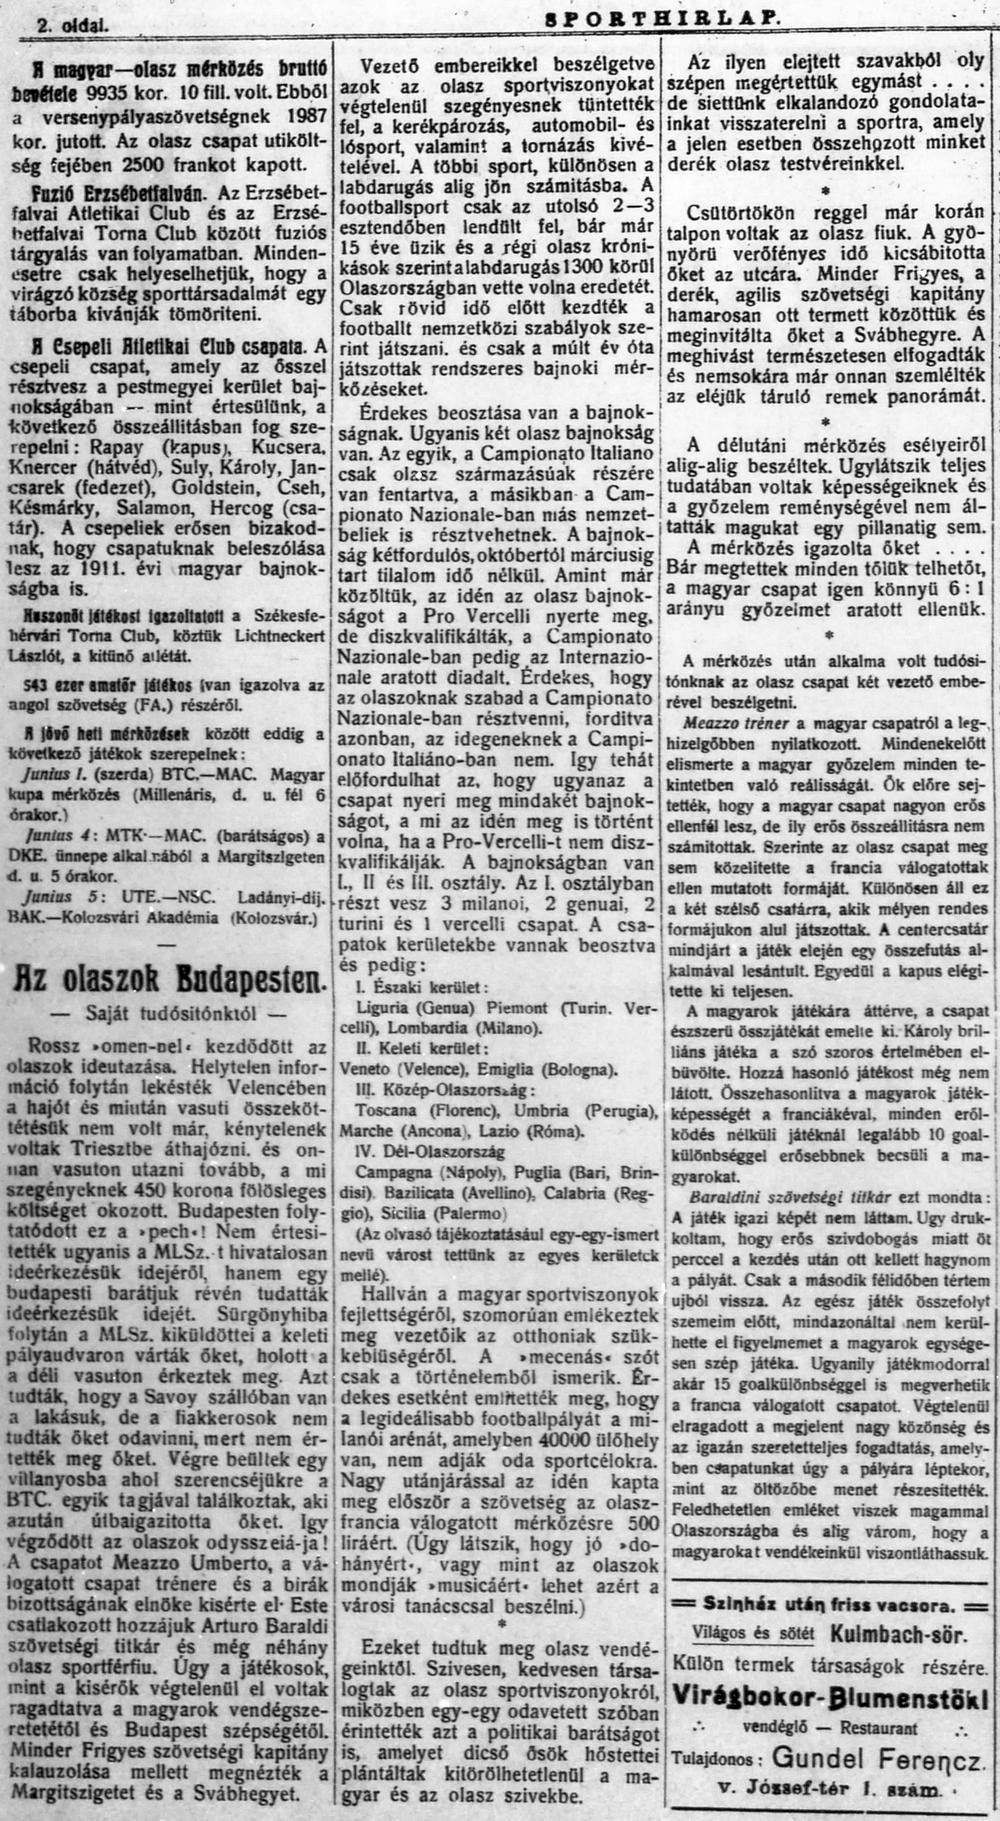 Sporthírlap, 1910. május 26.